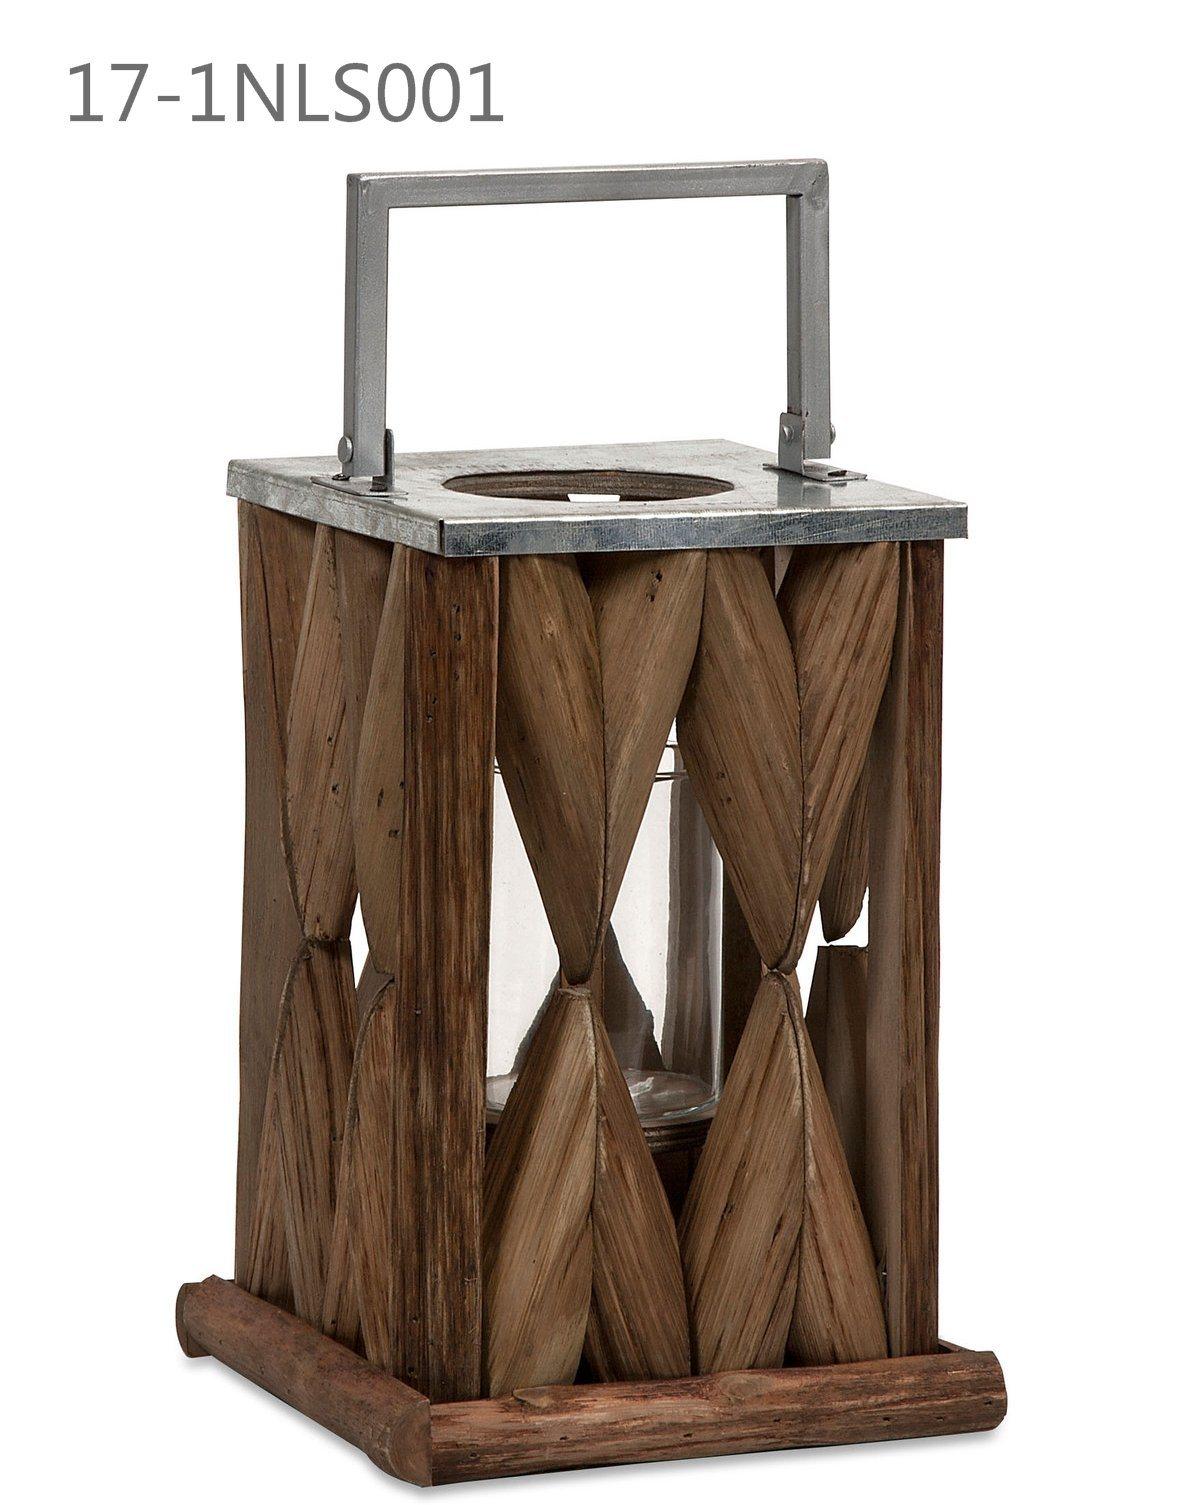 Oblong Antique Unique with Handle of Wooden Lanterns